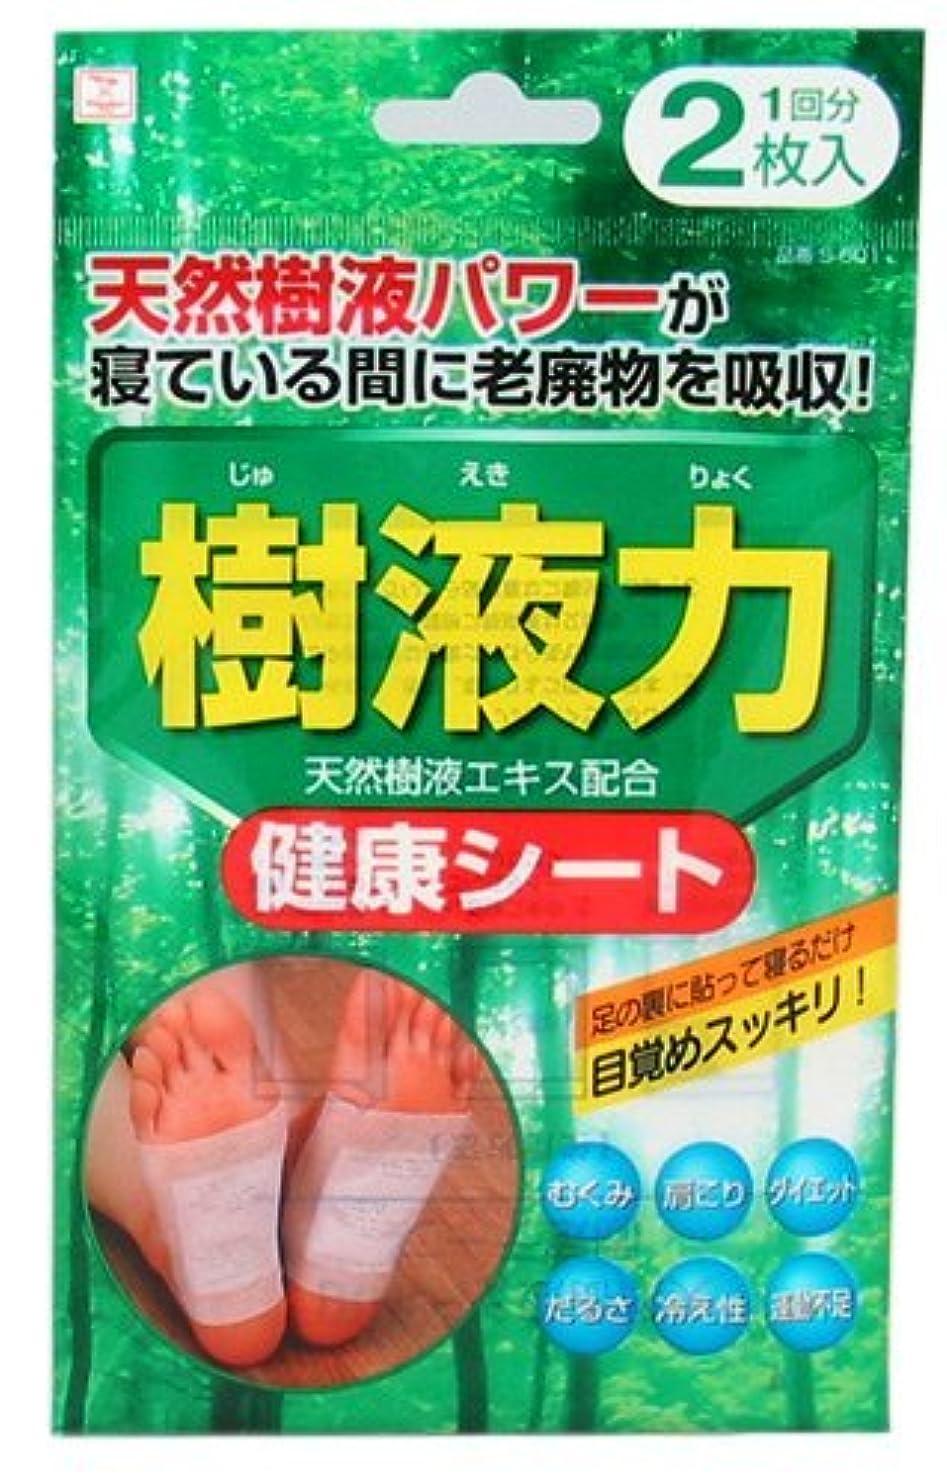 先祖ベックスヒューズ小久保(Kokubo) 樹液力 健康シート 2枚入 (台紙)【まとめ買い12個セット】 S-601